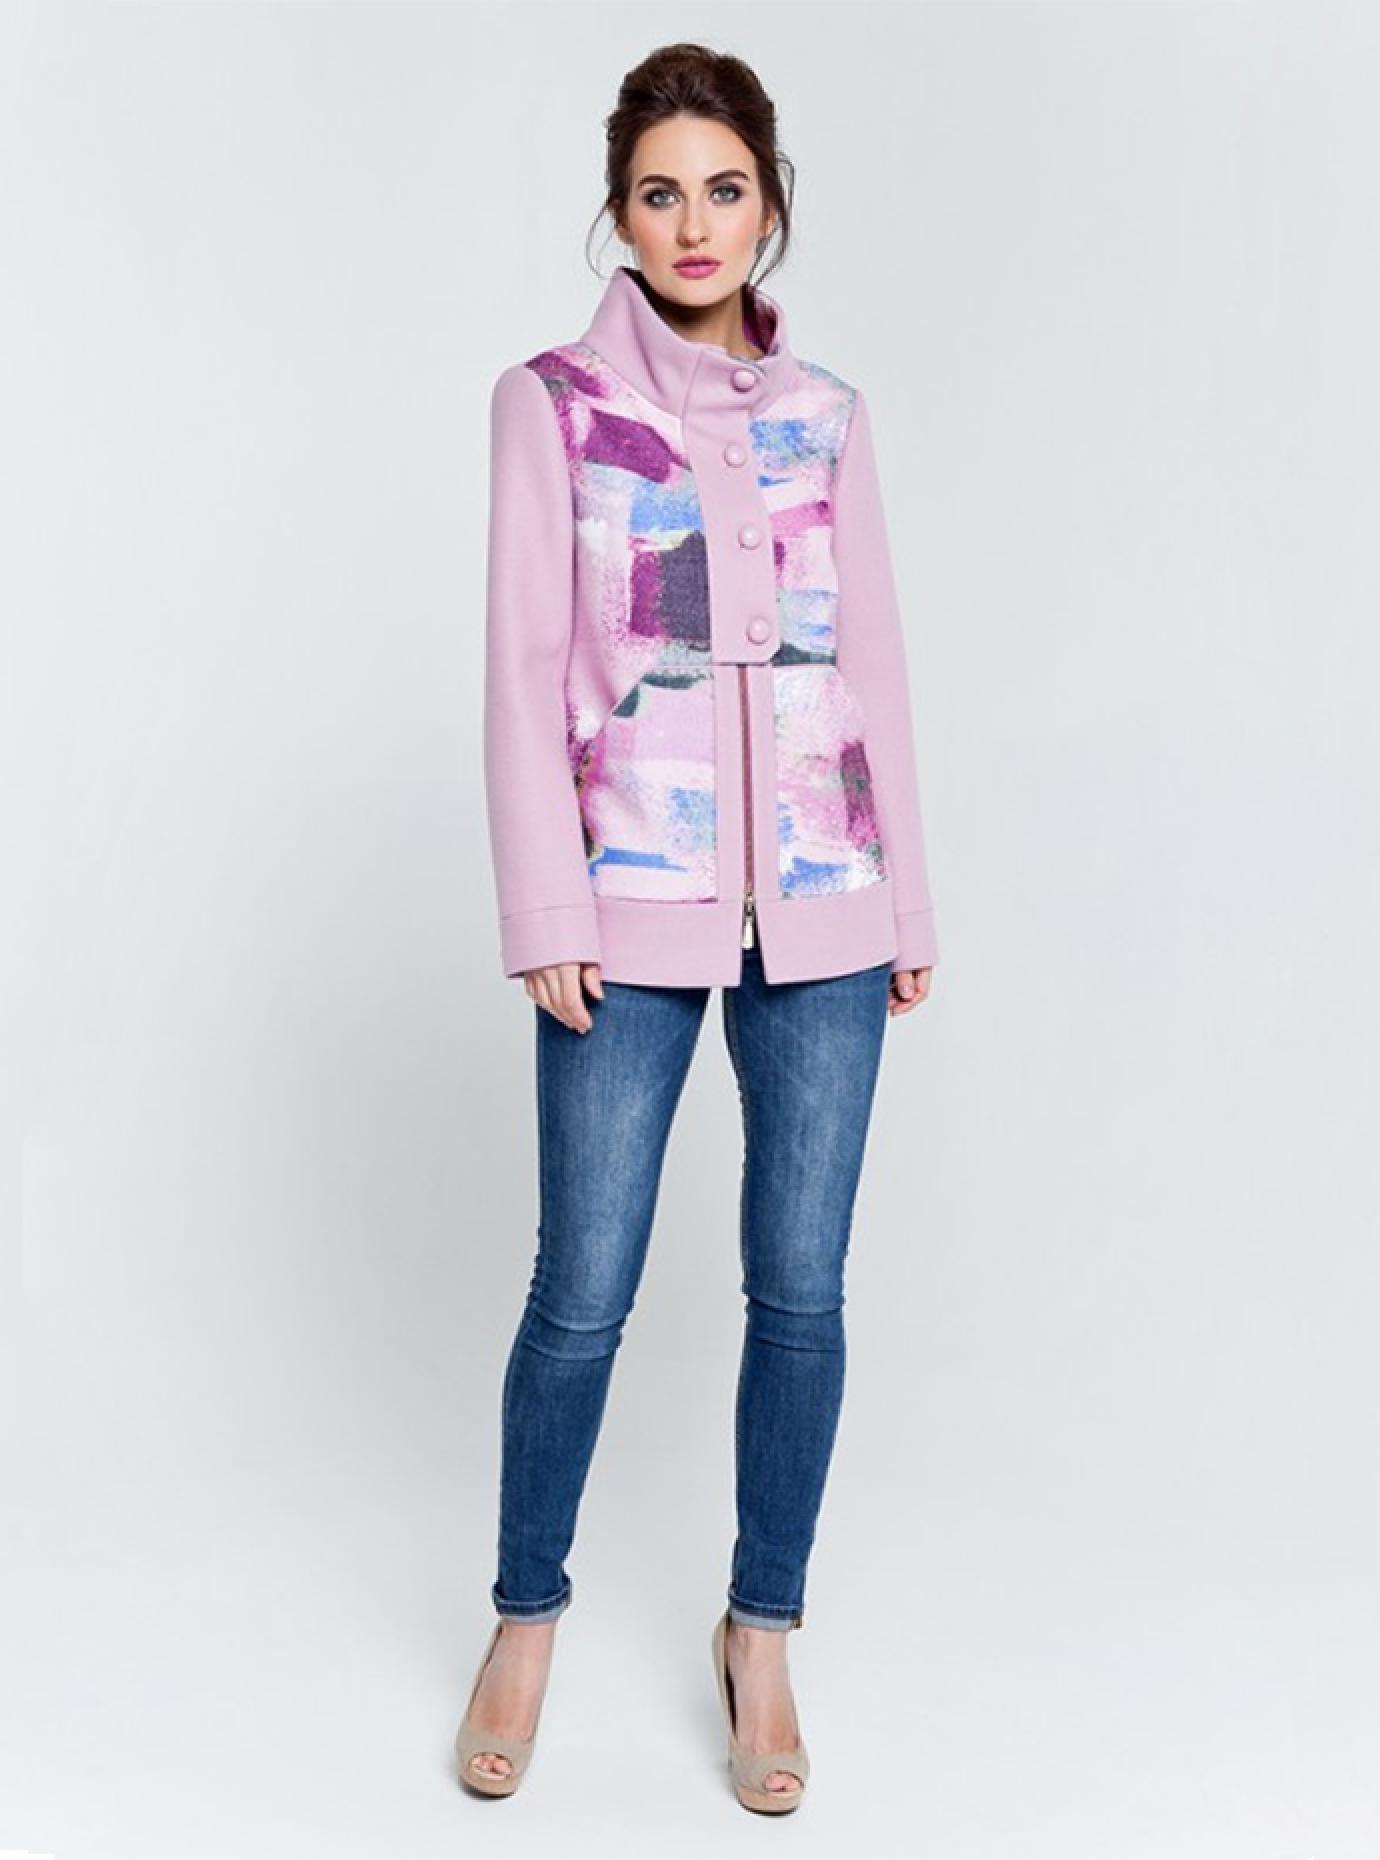 Пальто демисезонное короткое с принтом Розовый 42 (07-P17010): фото - Alster.ua